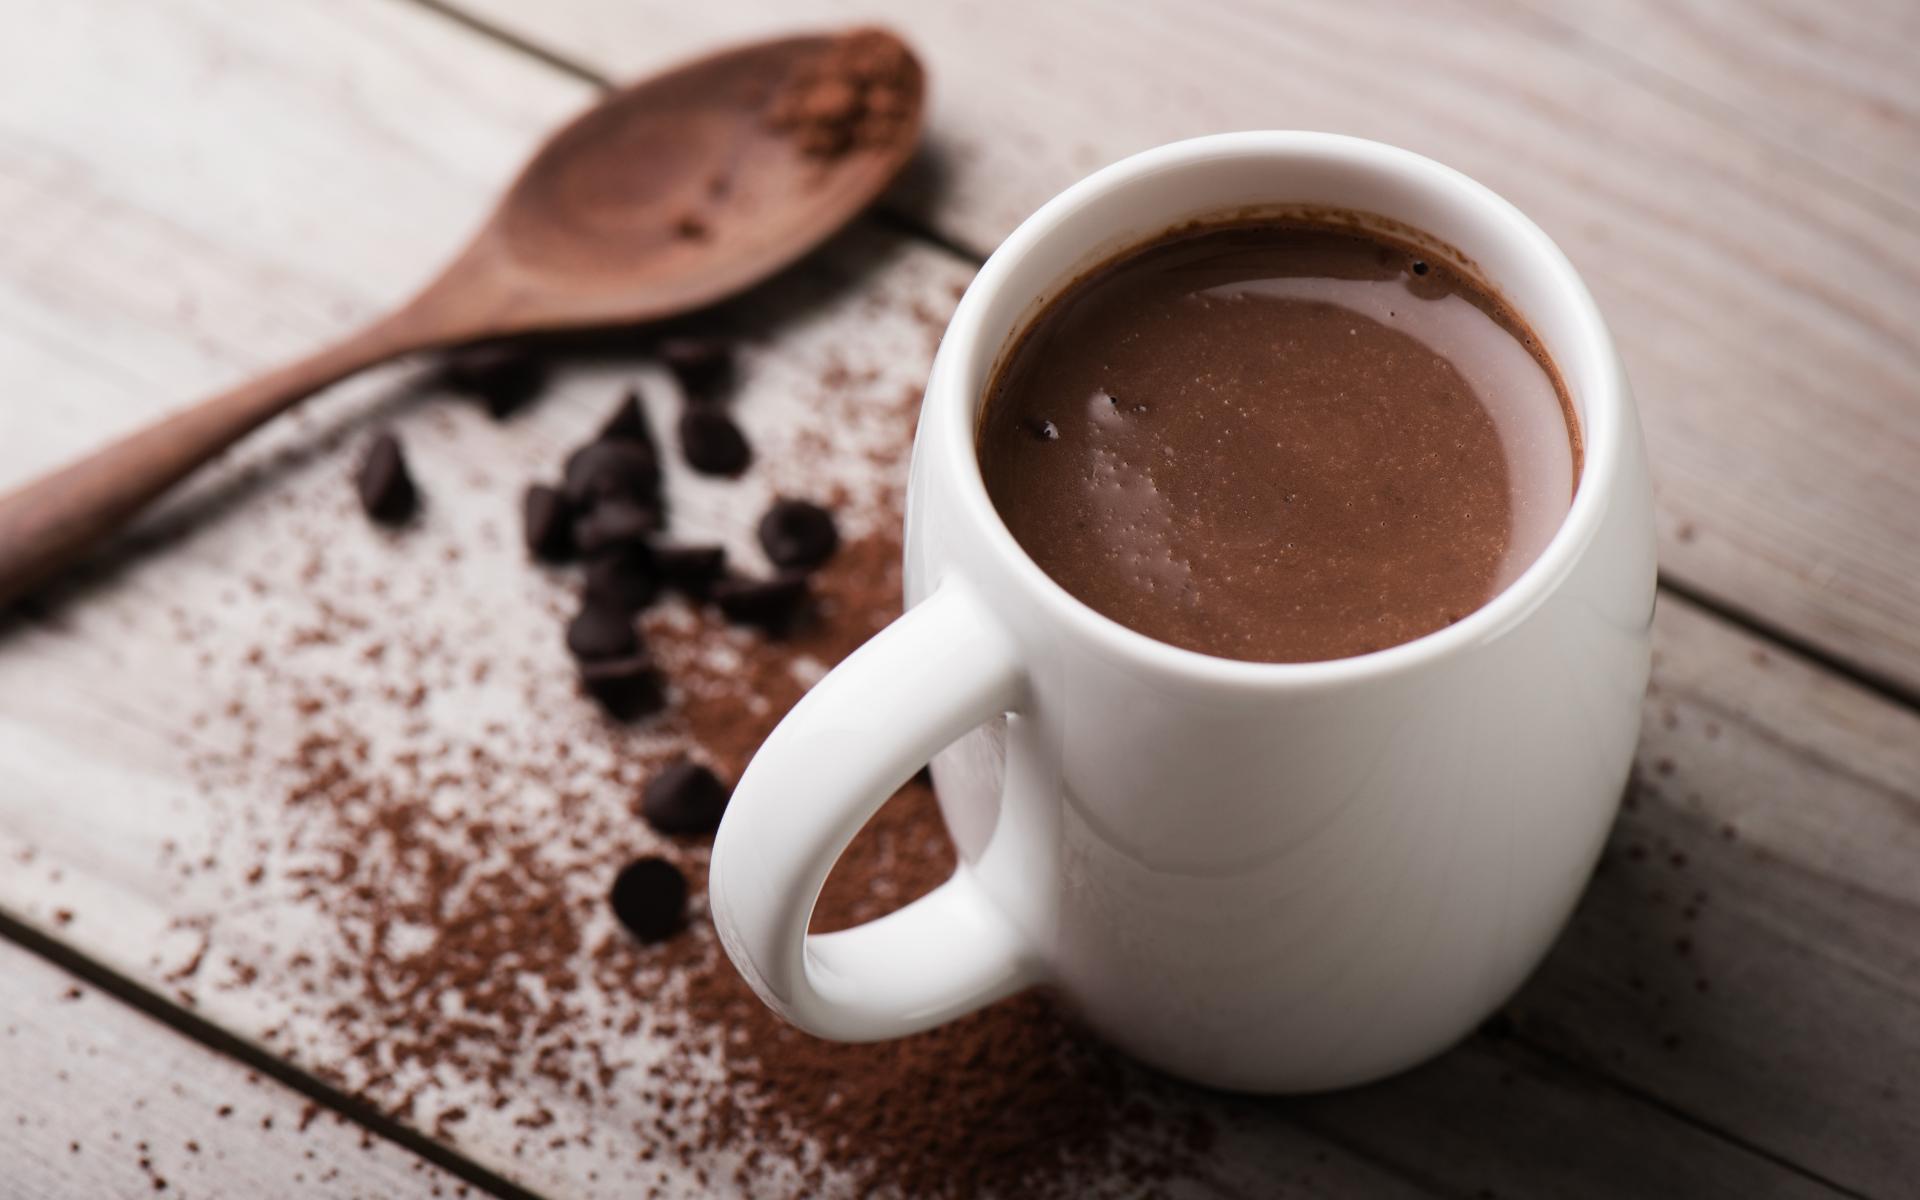 Les chocolats chauds